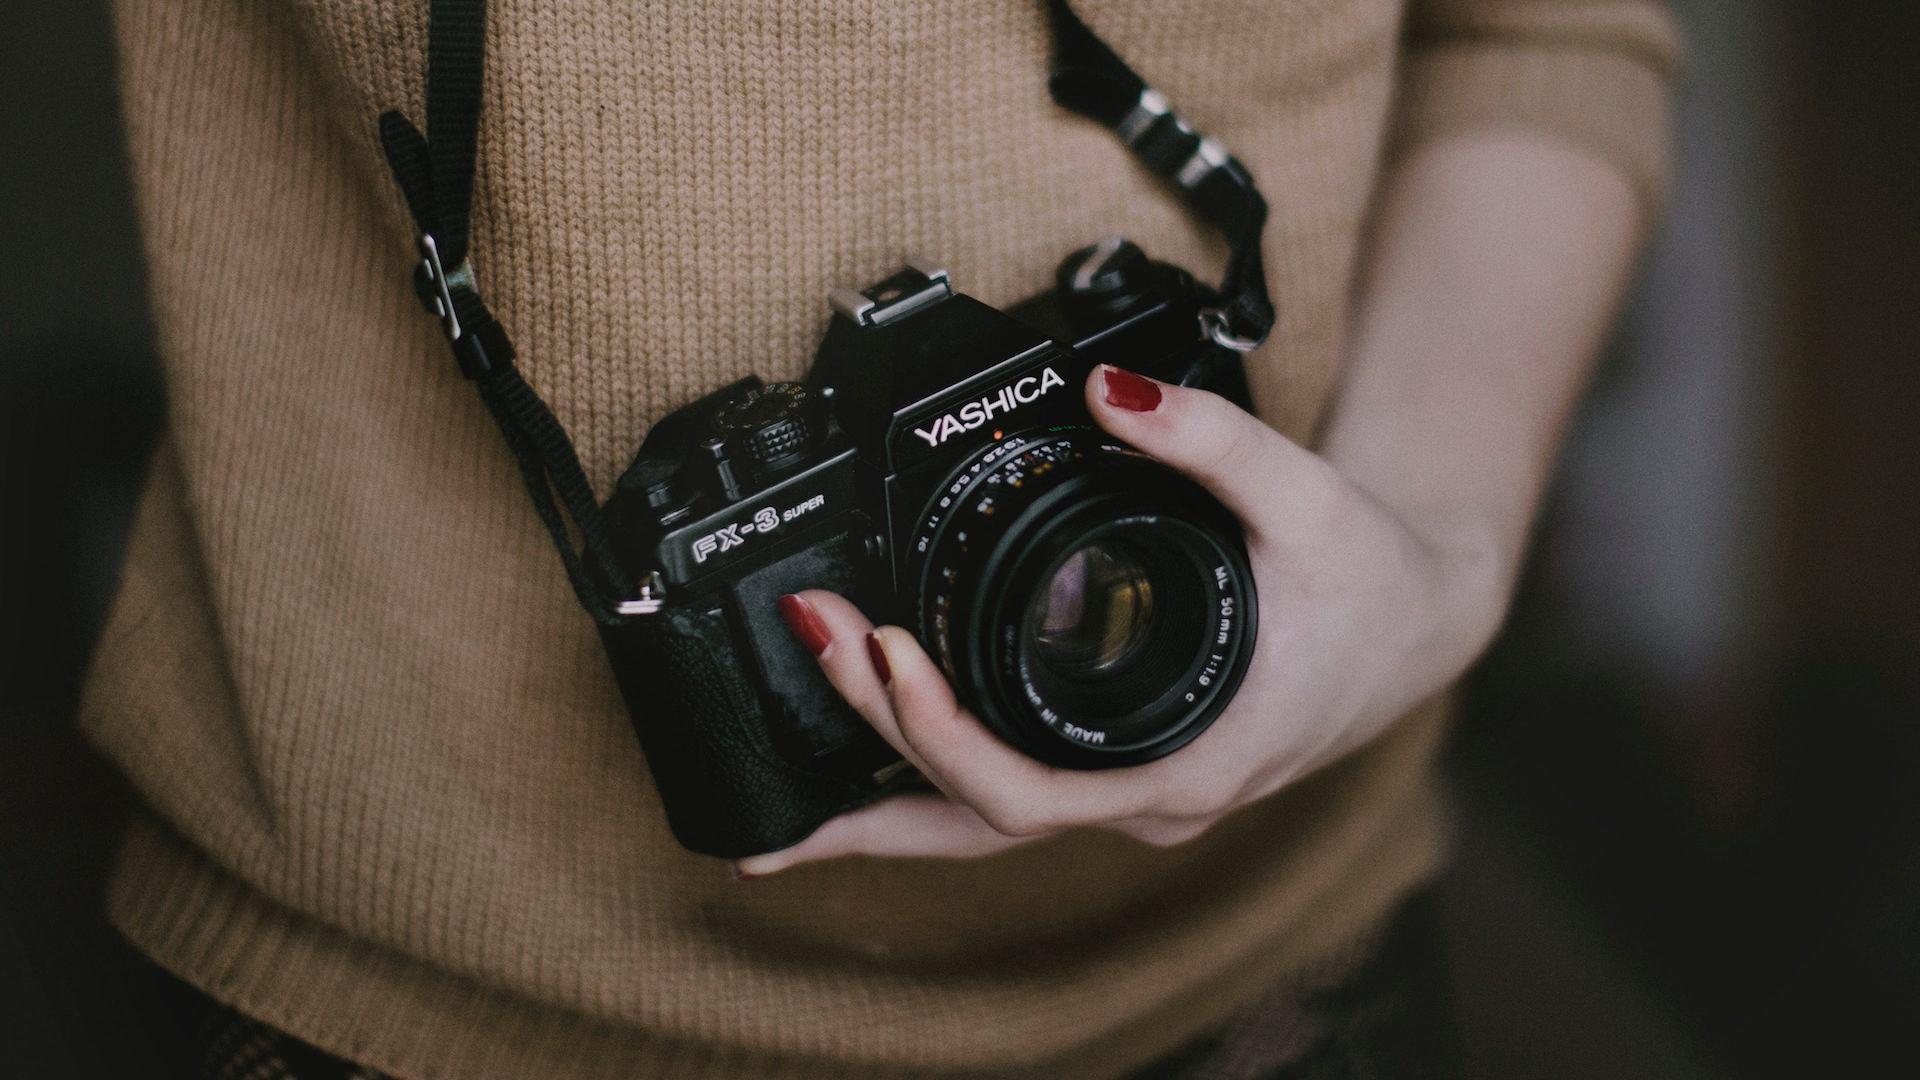 φωτογραφική μηχανή, γυναίκα, τα χέρια, φωτογραφία, παλιάς χρονολογίας - Wallpapers HD - Professor-falken.com